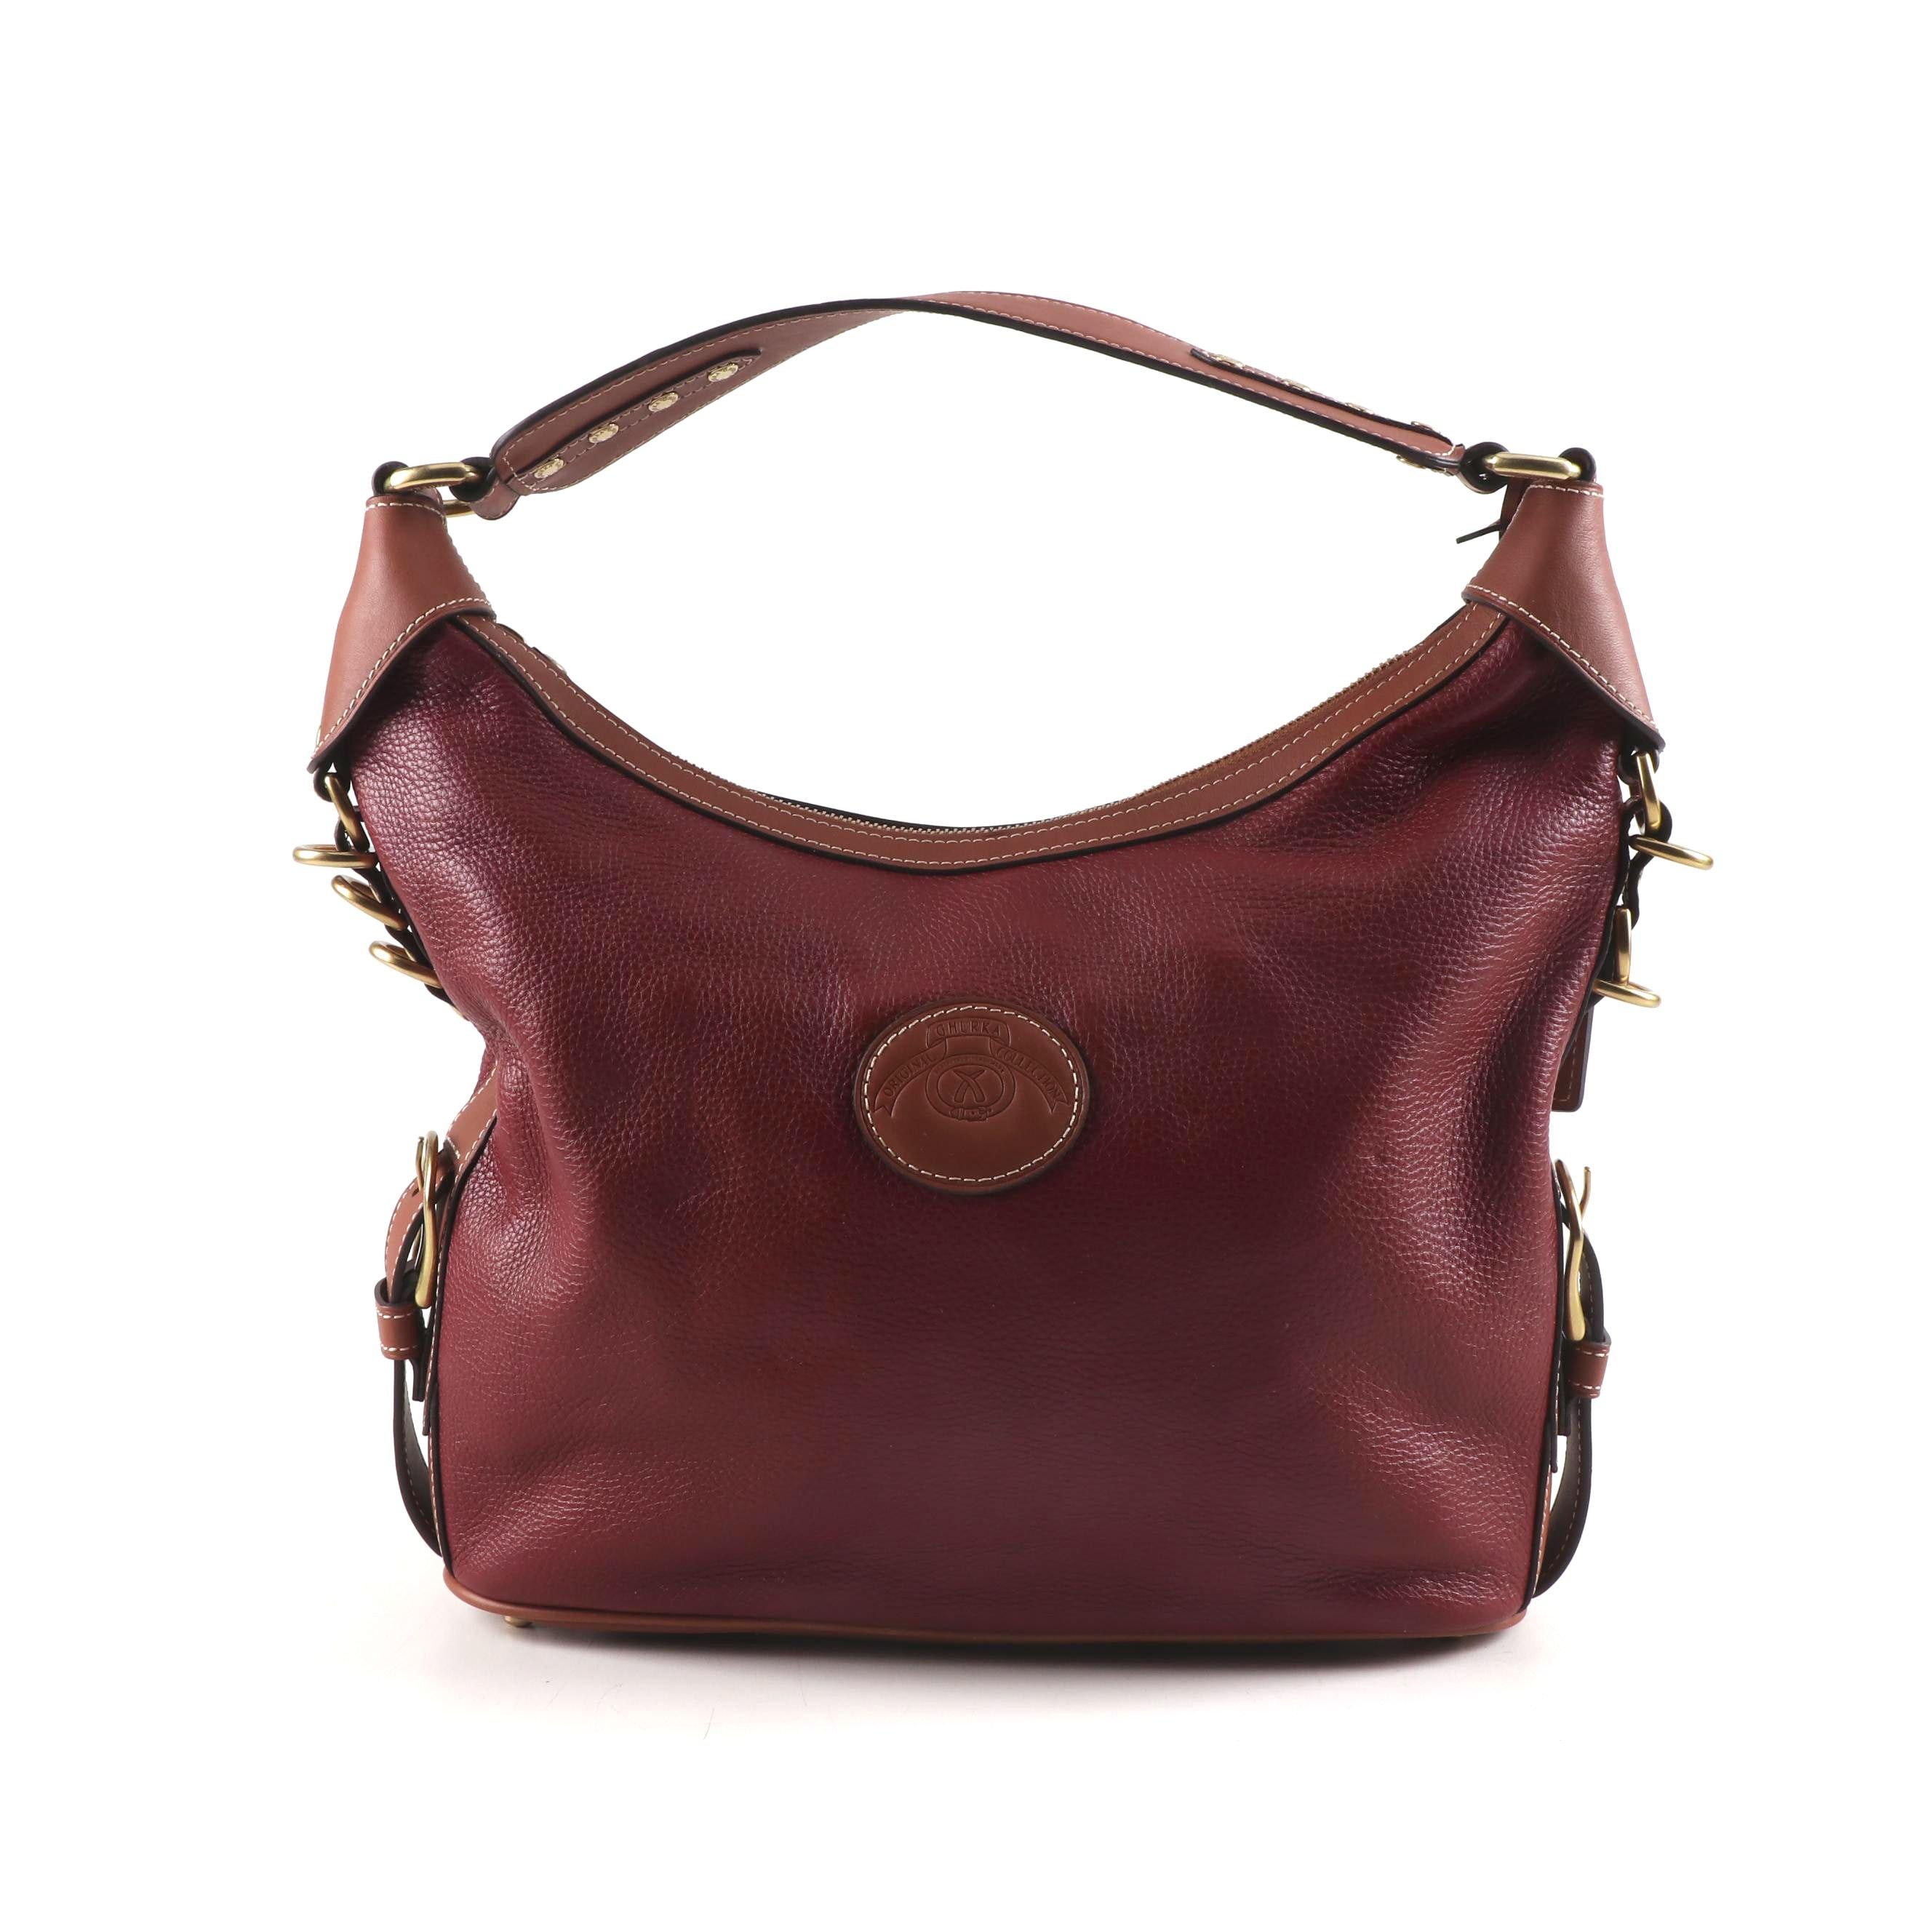 Ghurka Original Collection Two-Tone Pebbled Leather Shoulder Bag